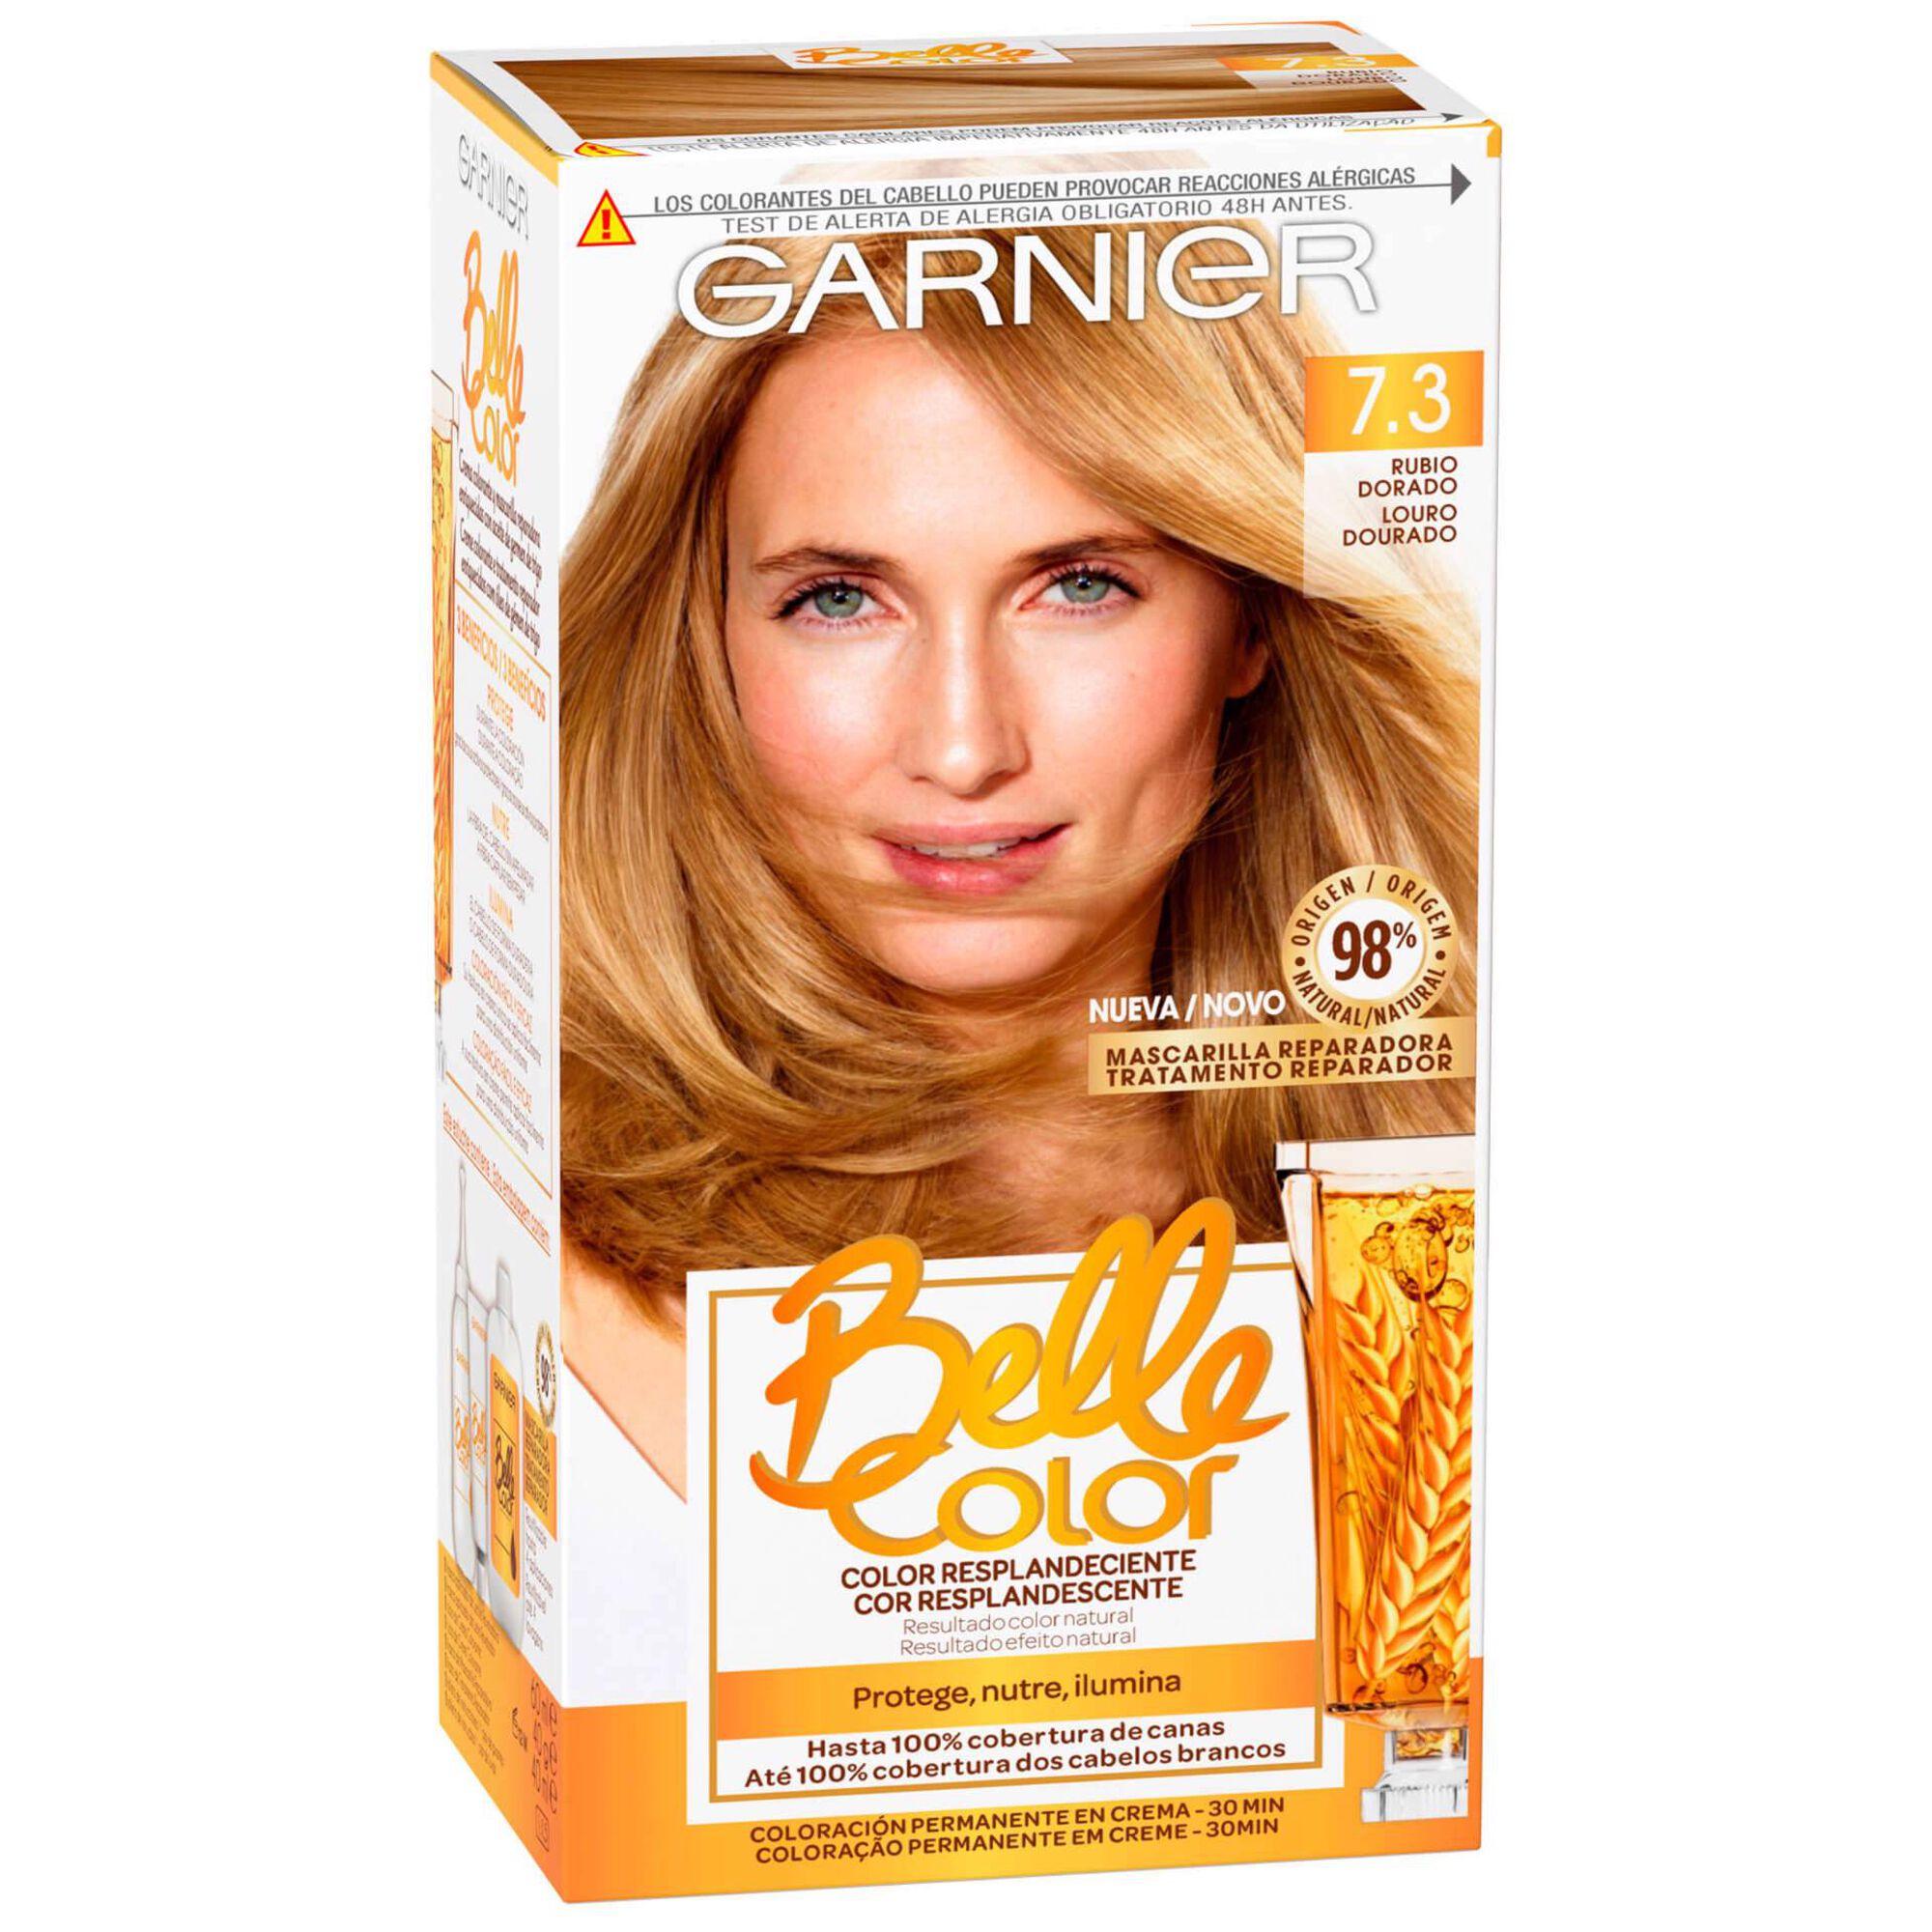 Coloração Permanente Belle Color Louro Dourado 7.3